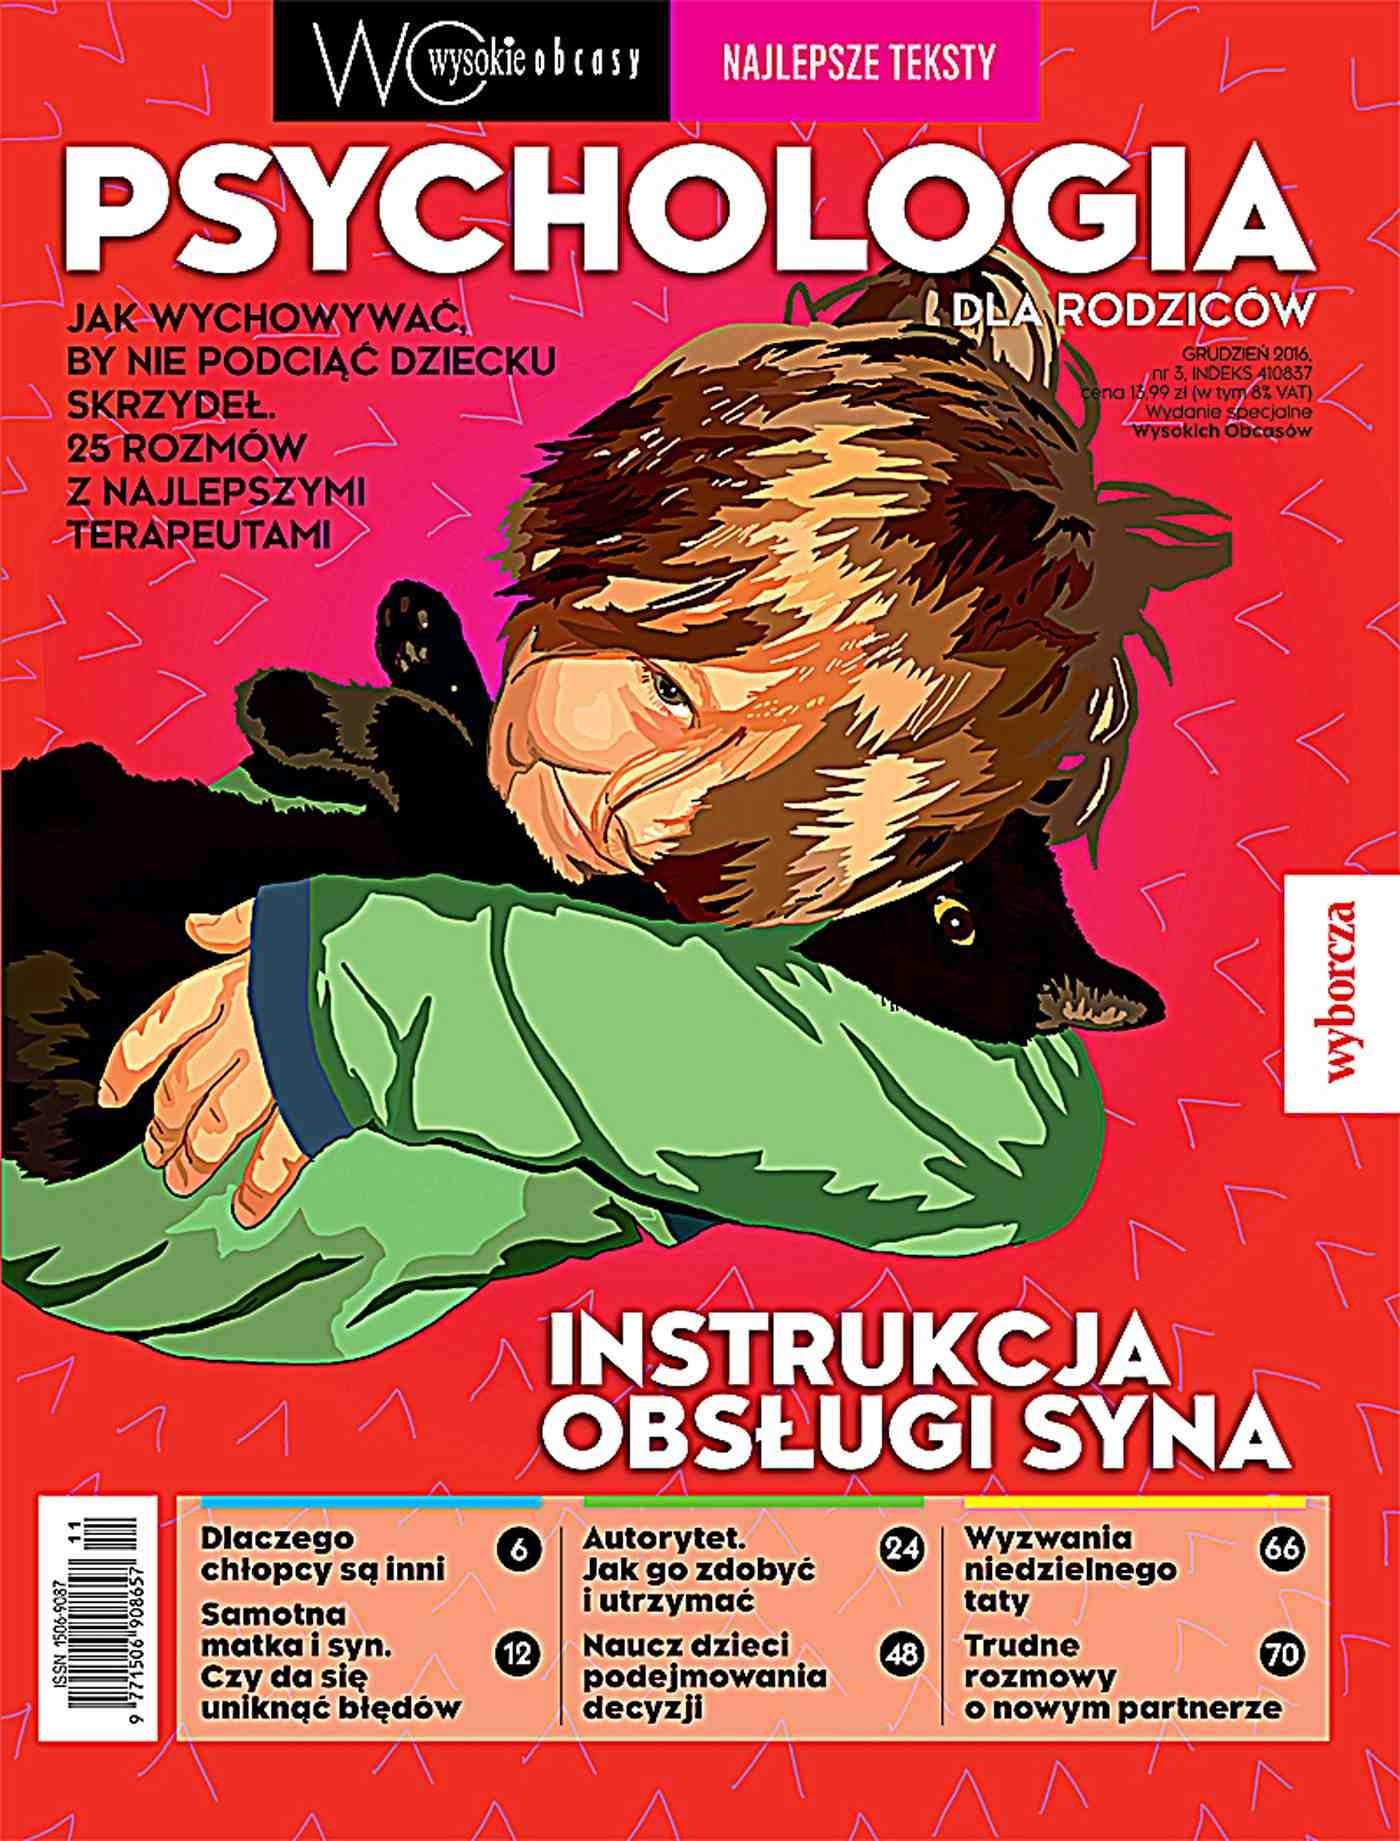 Psychologia dla rodziców 3/2016. Wysokie Obcasy. Wydanie specjalne - Ebook (Książka na Kindle) do pobrania w formacie MOBI